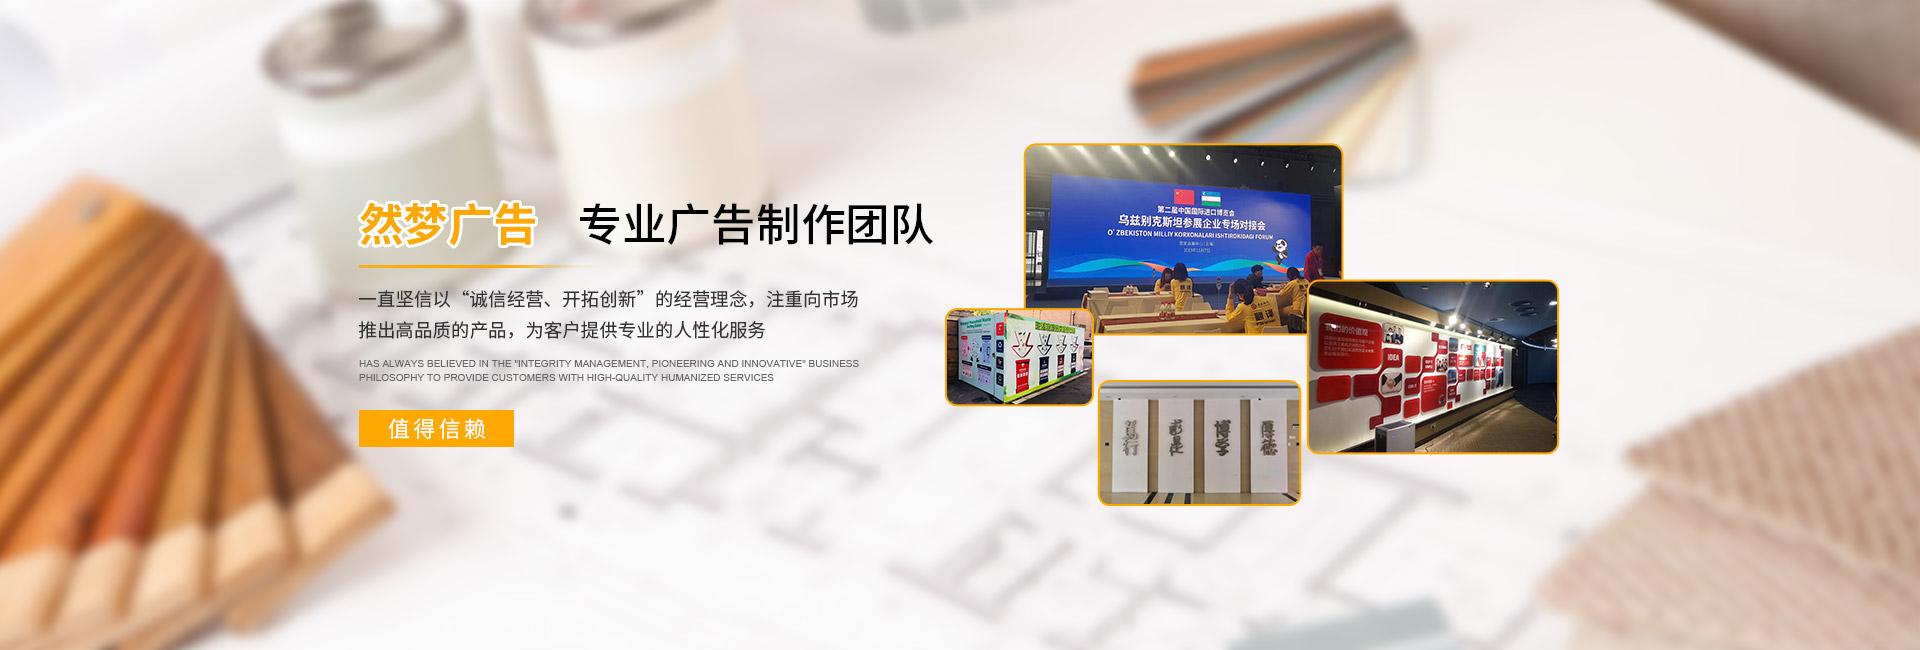 上海然梦广告有限公司